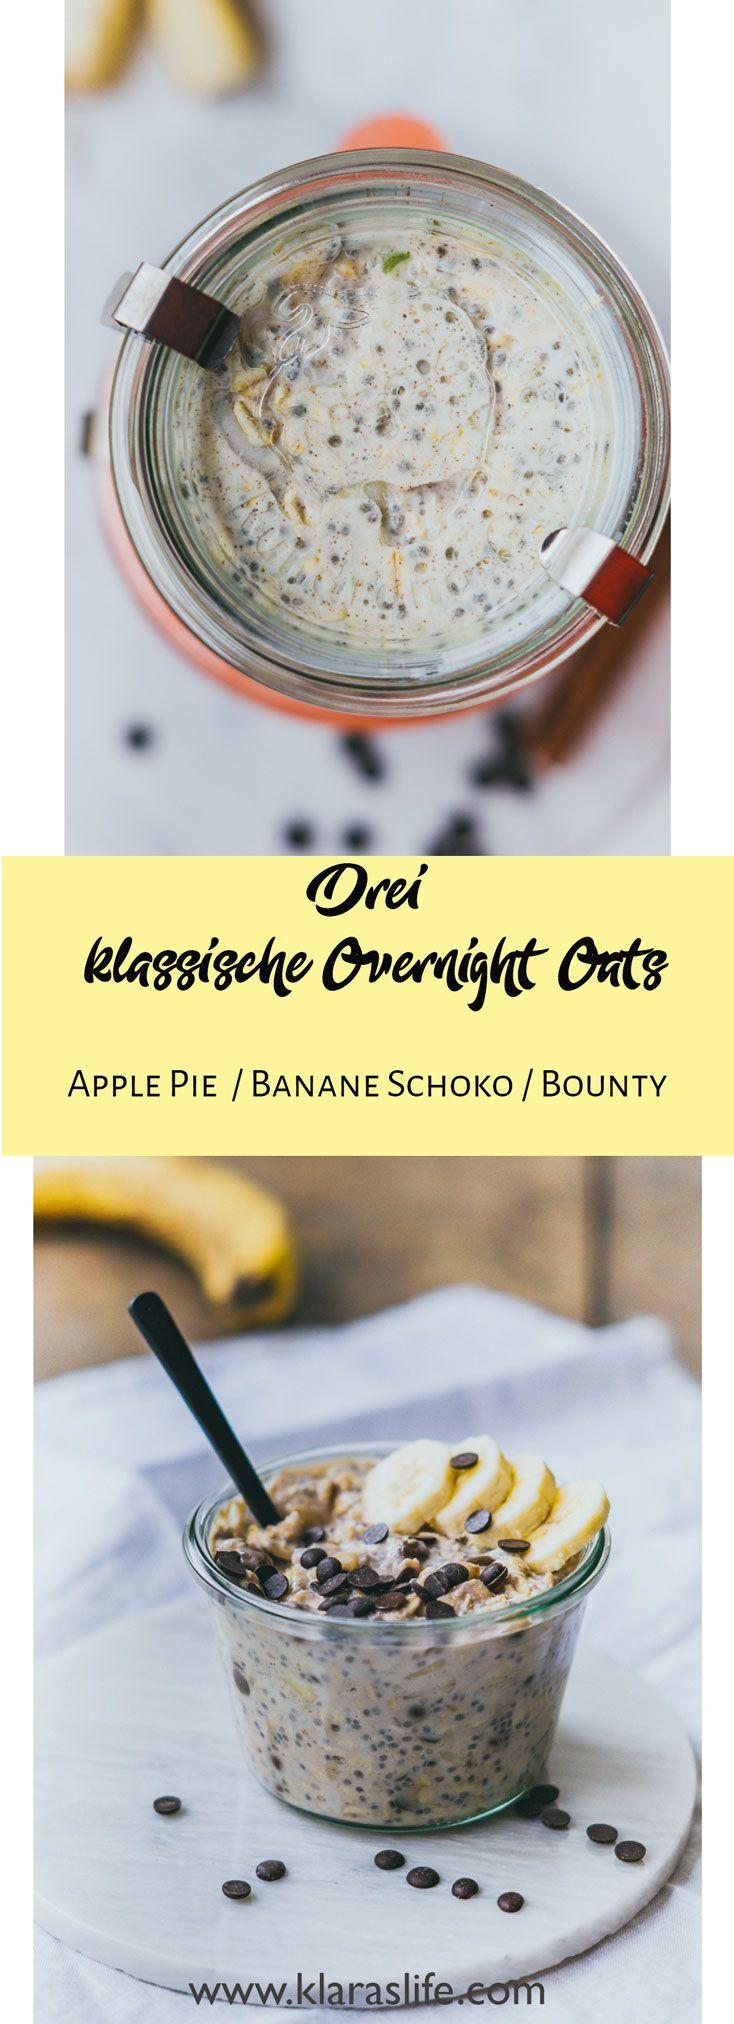 3 Klassische Overnight Oat Rezepte